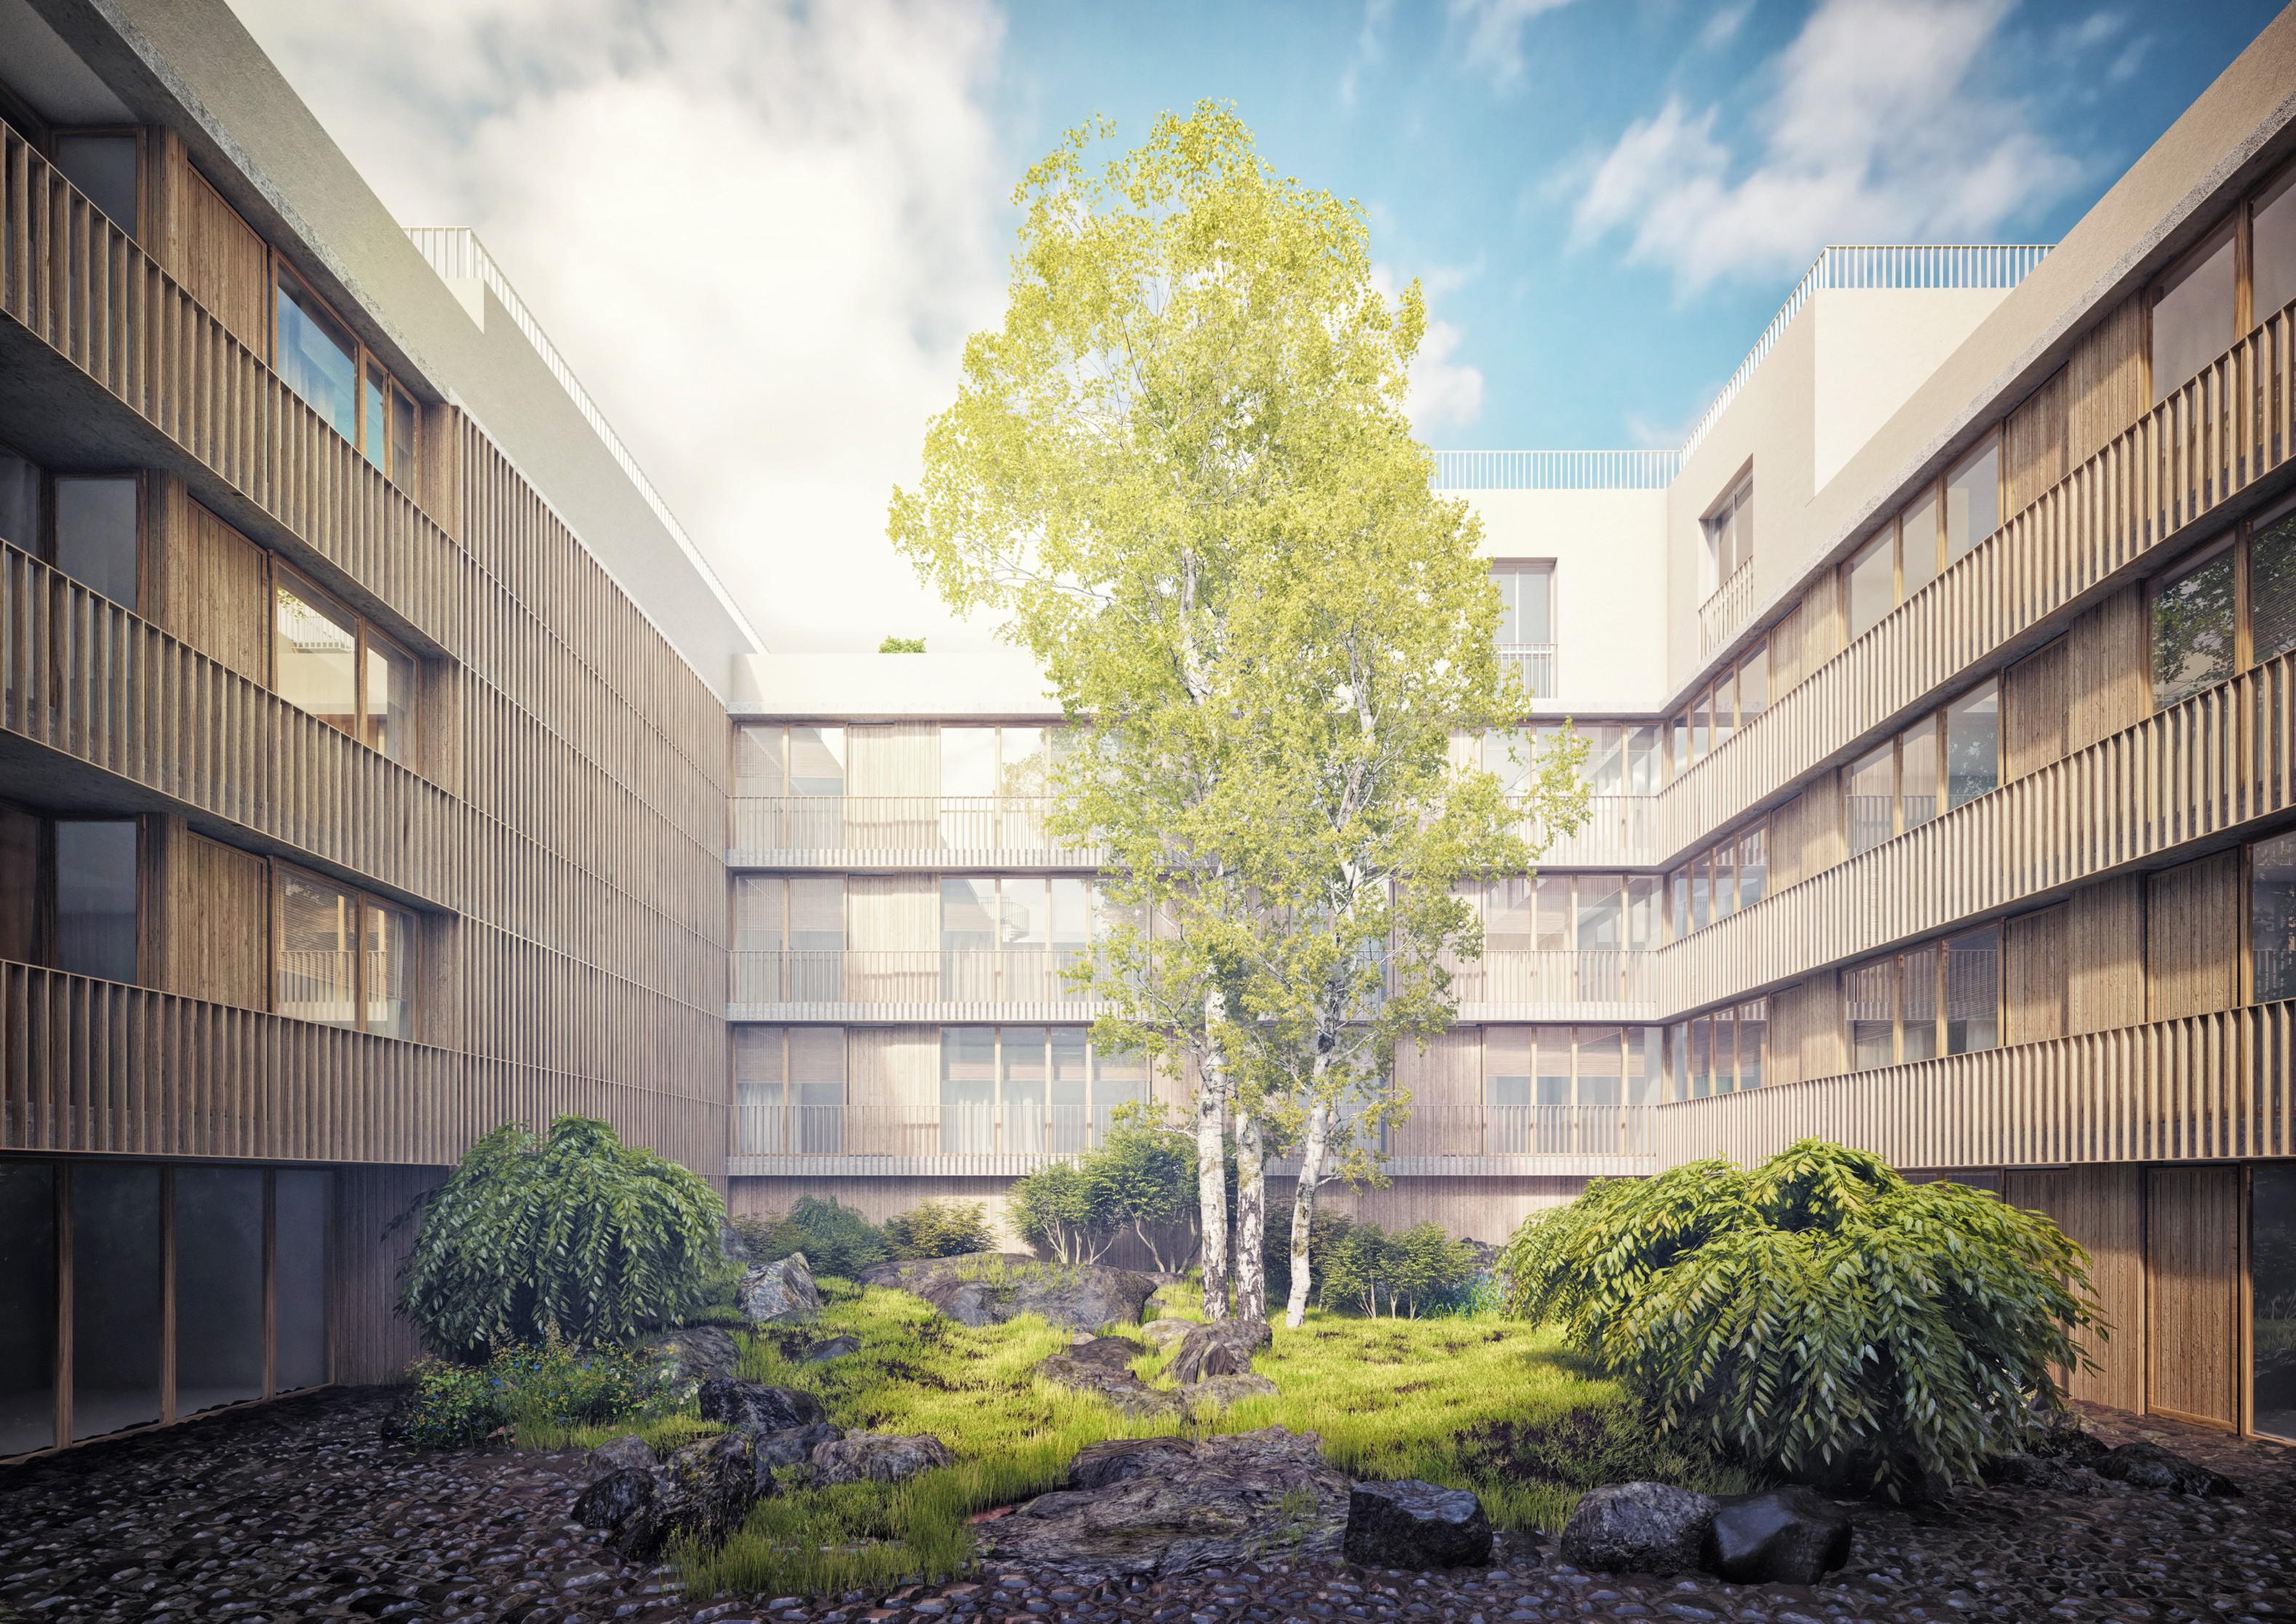 Dvorana obytného bloku má fasády řešené jednotně, inspirací konceptu je shakespearovské dřevěné divadlo s průbežnými balkóny a zeleným jevištěm. Návrh pečlivě sleduje intimitu bydlení a univerzalitu fasády obsluhující složité dispoziční layouty.